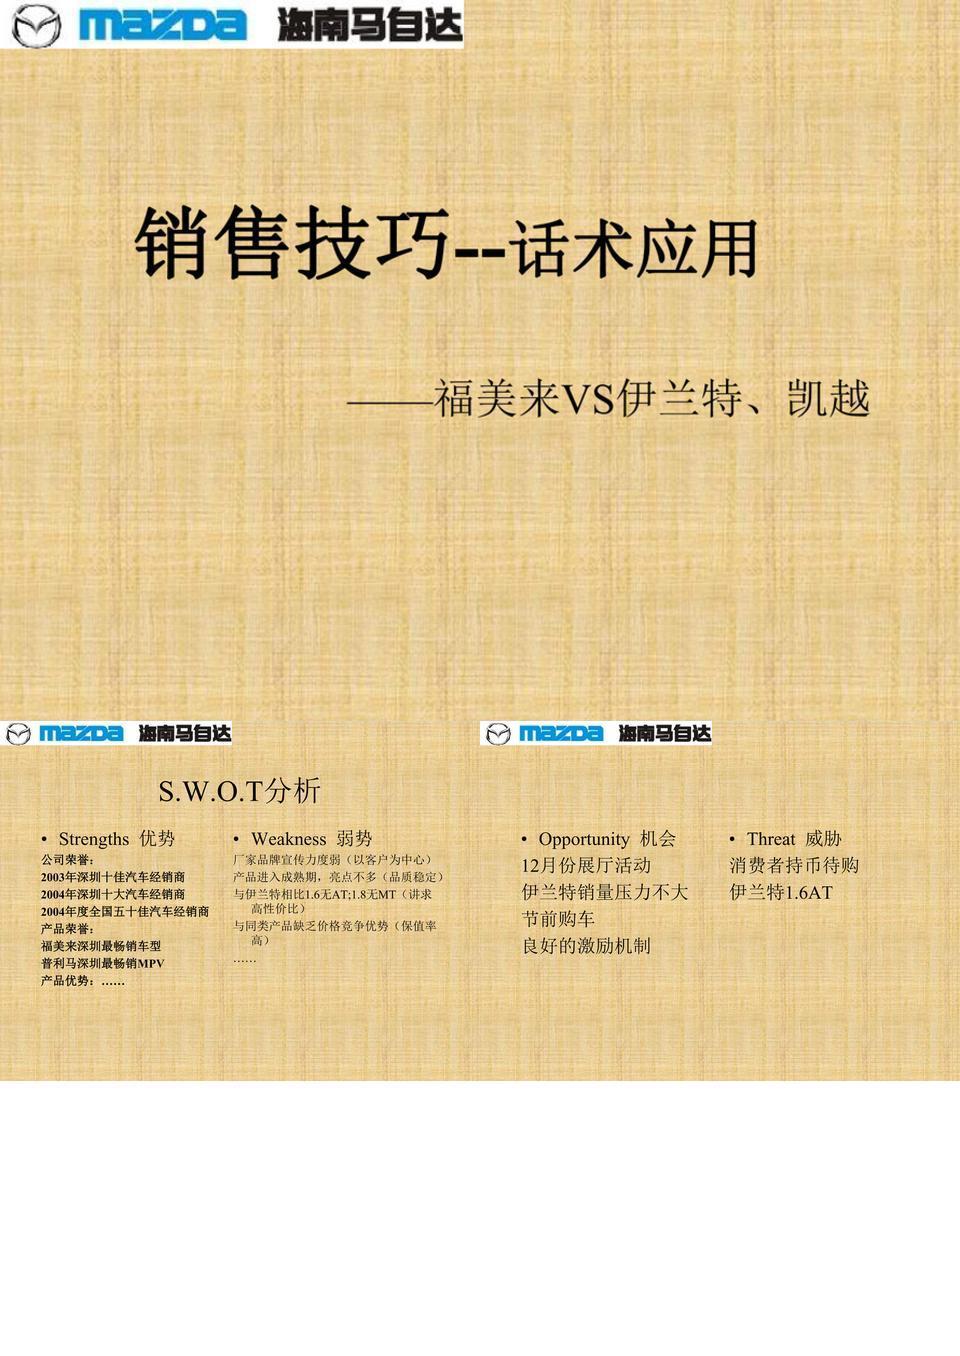 销售技巧--话术应用(福美来VS伊兰特、凯越).ppt